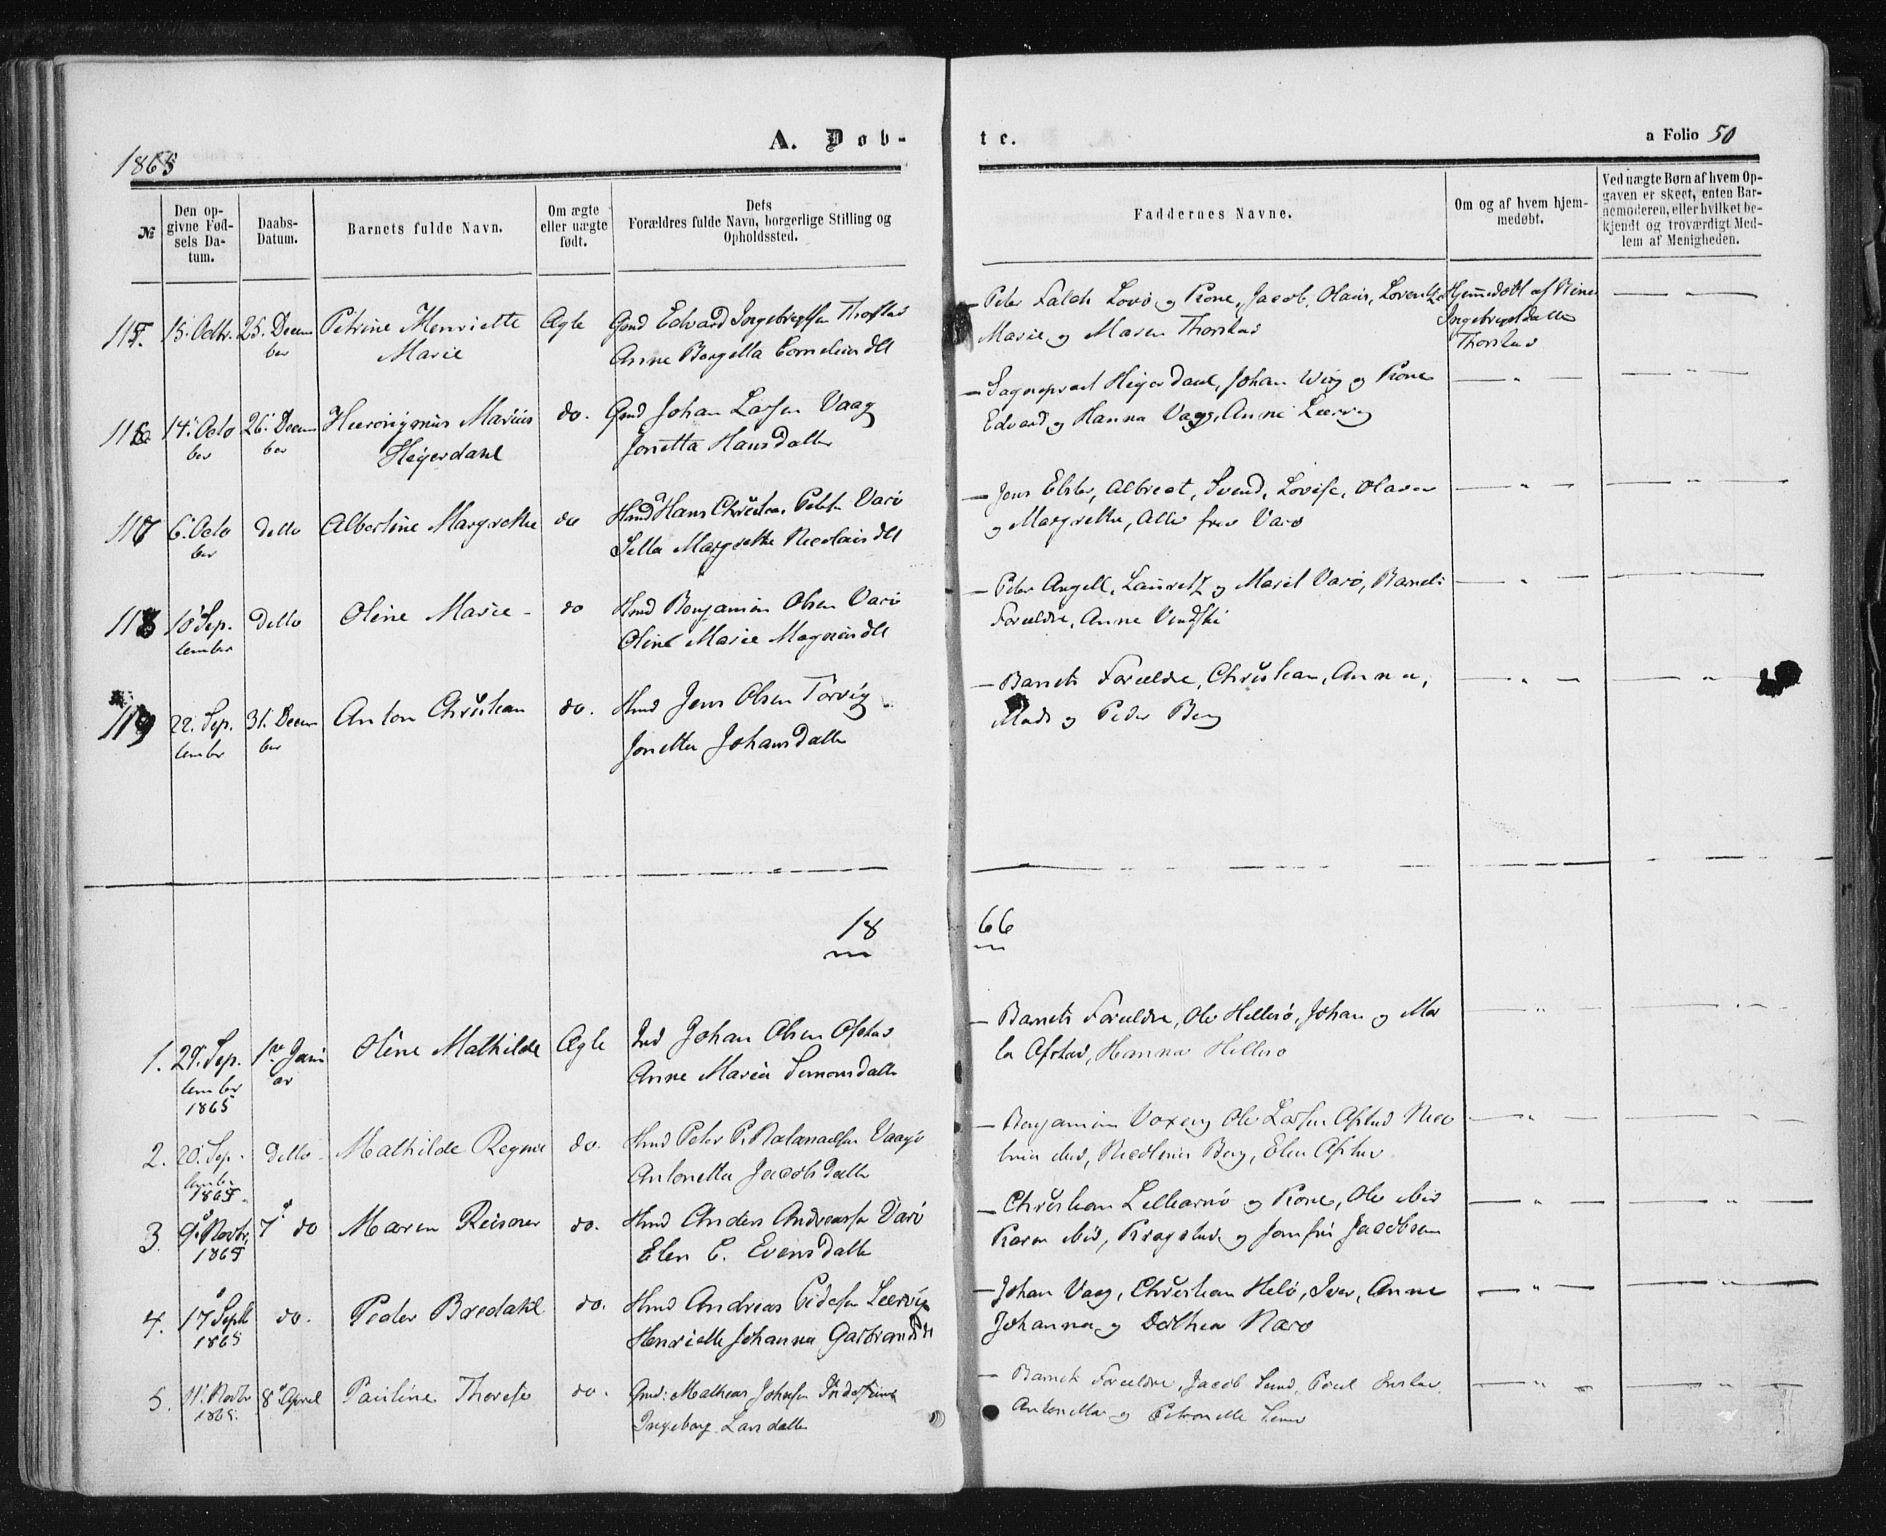 SAT, Ministerialprotokoller, klokkerbøker og fødselsregistre - Nord-Trøndelag, 784/L0670: Ministerialbok nr. 784A05, 1860-1876, s. 50